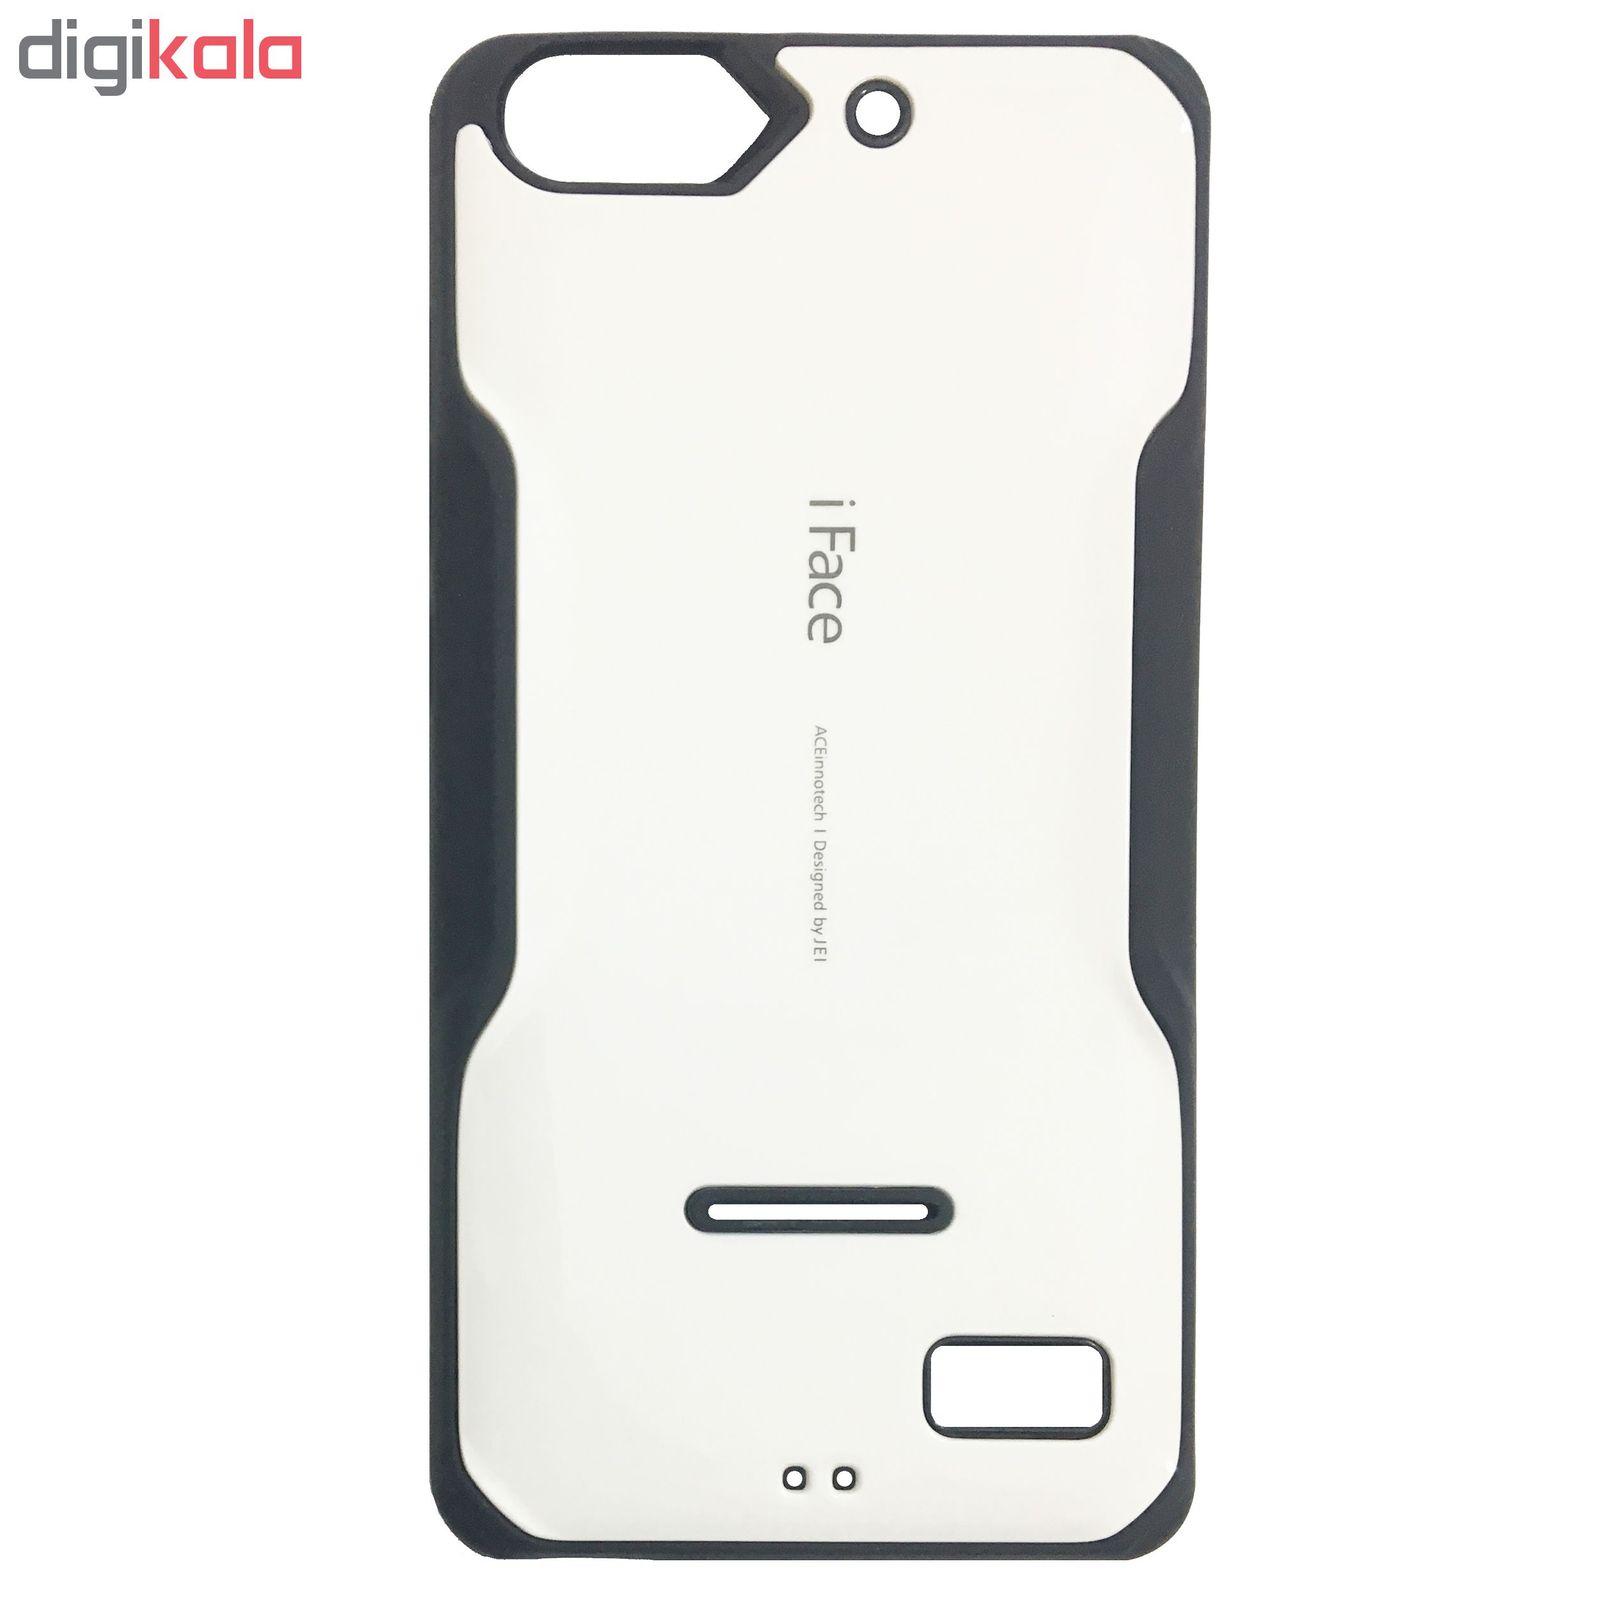 کاور مدل FC24 مناسب برای گوشی موبایل هوآوی Honor 4C main 1 1